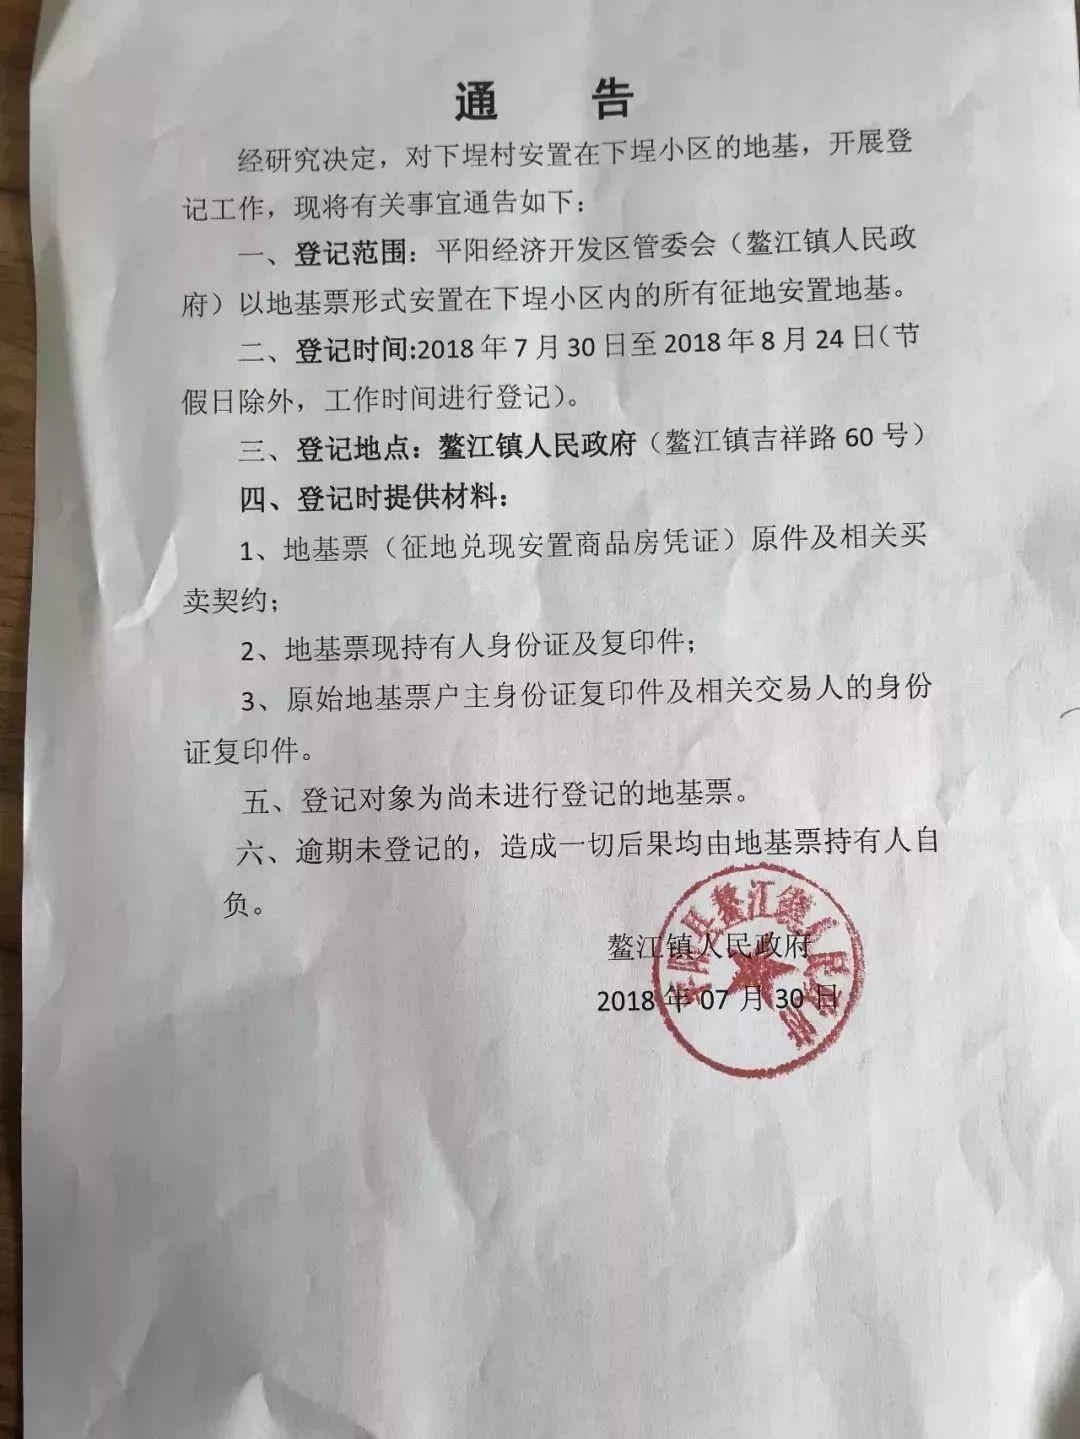 鳌江镇人民政府通告,关于地基!